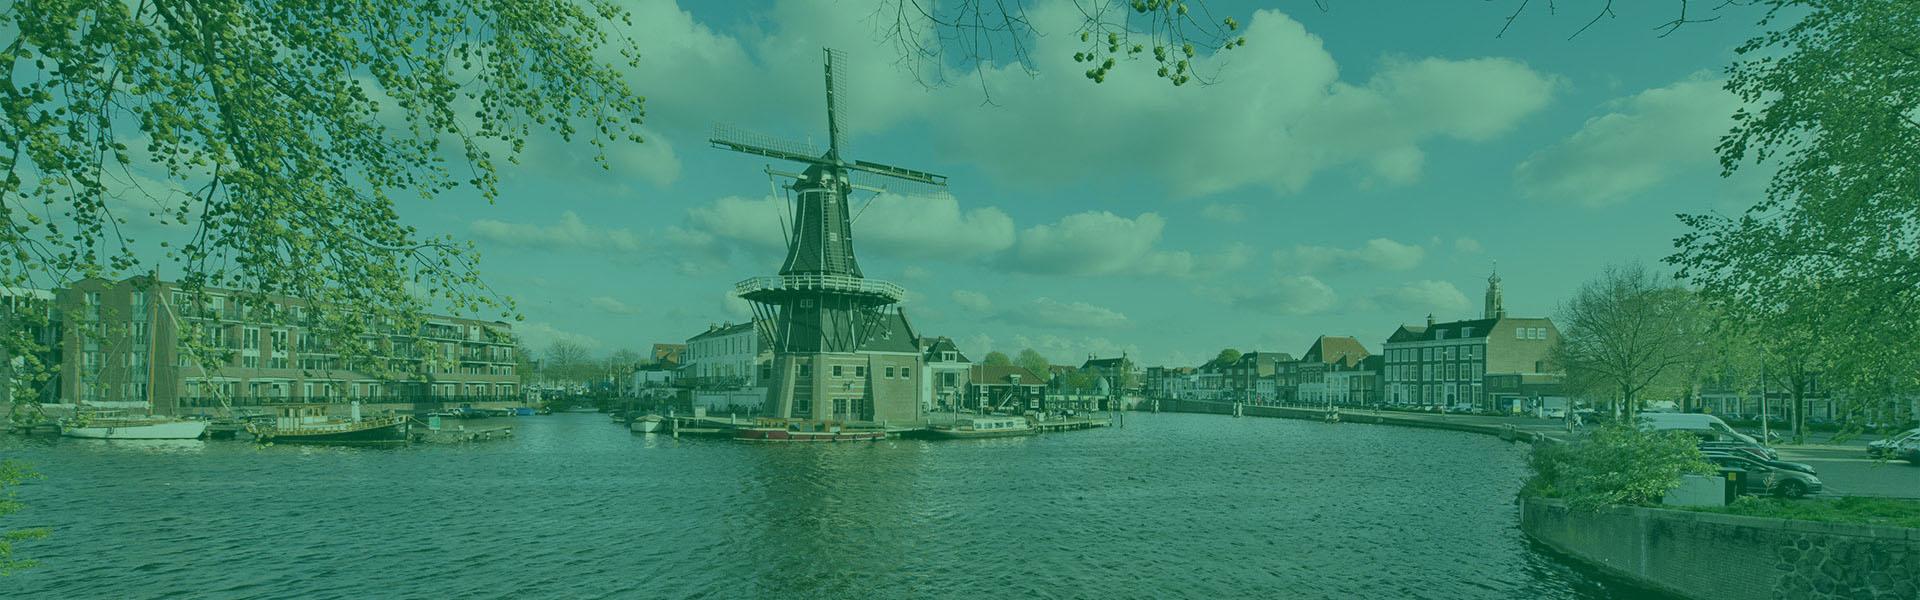 Slider-Overspaern-Makelaardij-Haarlem-en-omgeving-1-groen